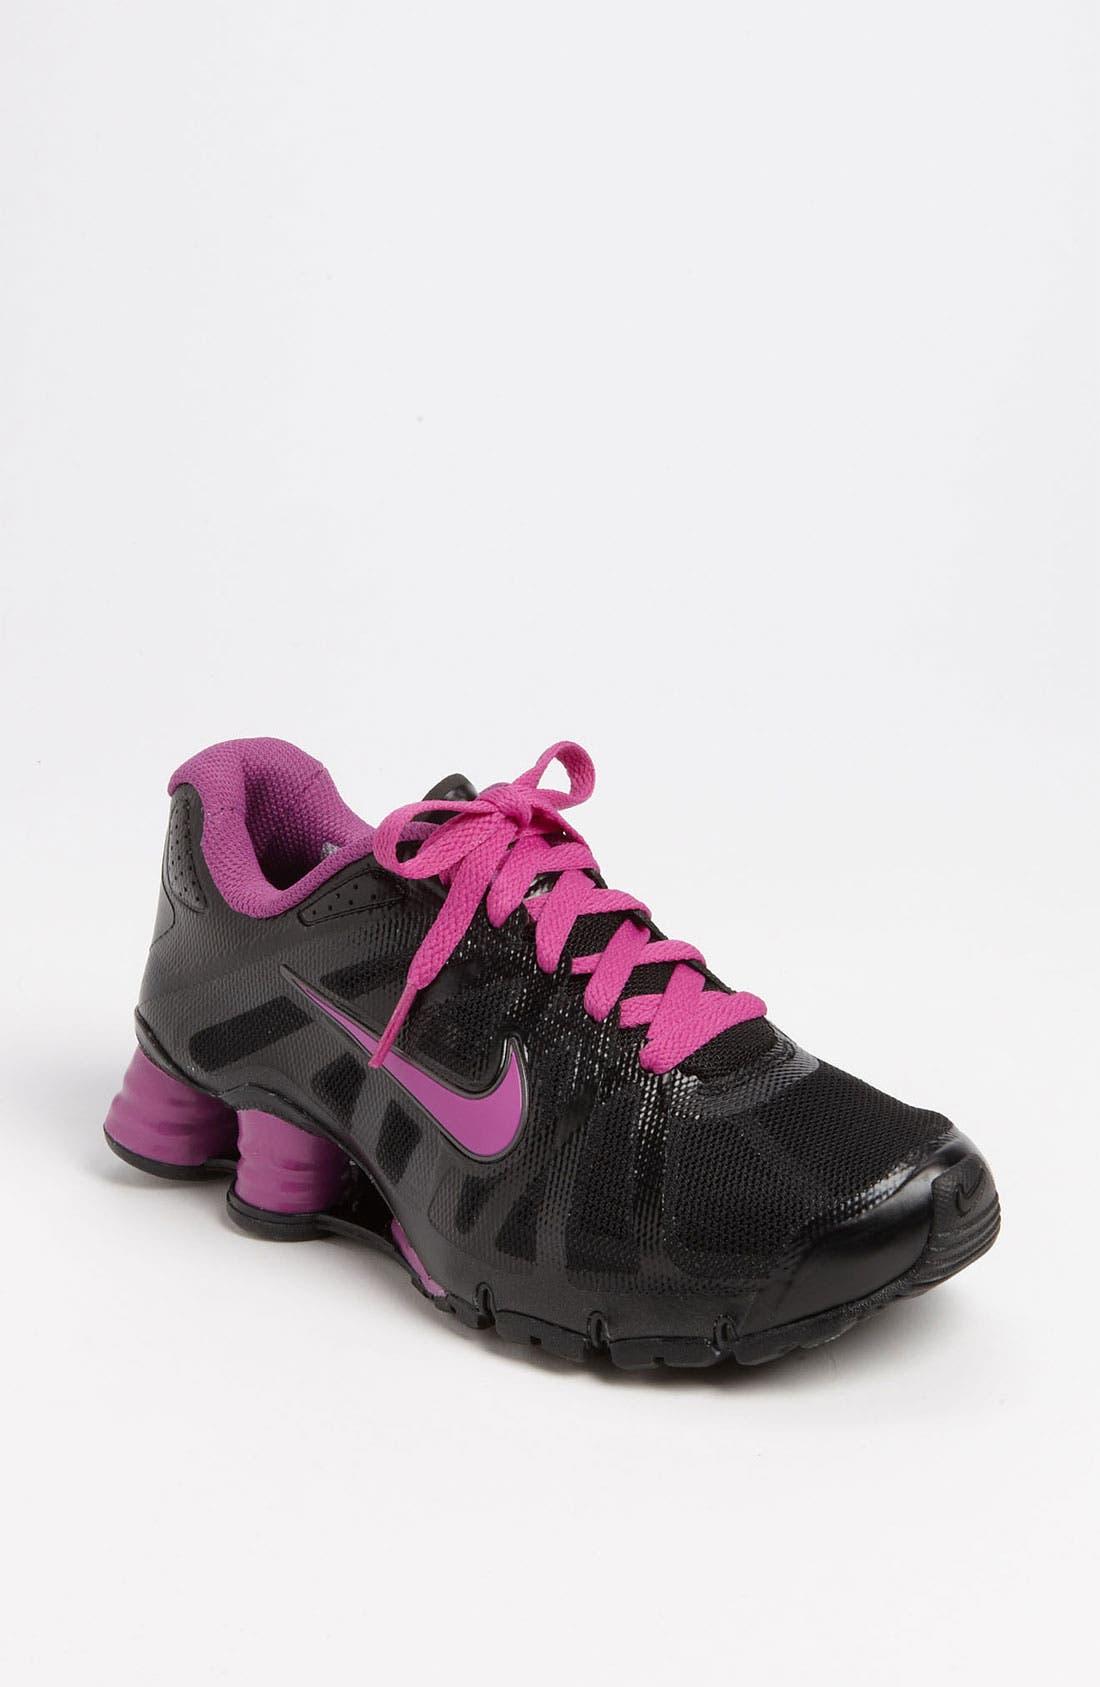 Main Image - Nike 'Shox Roadster' Running Shoe (Women) (Exclusive)